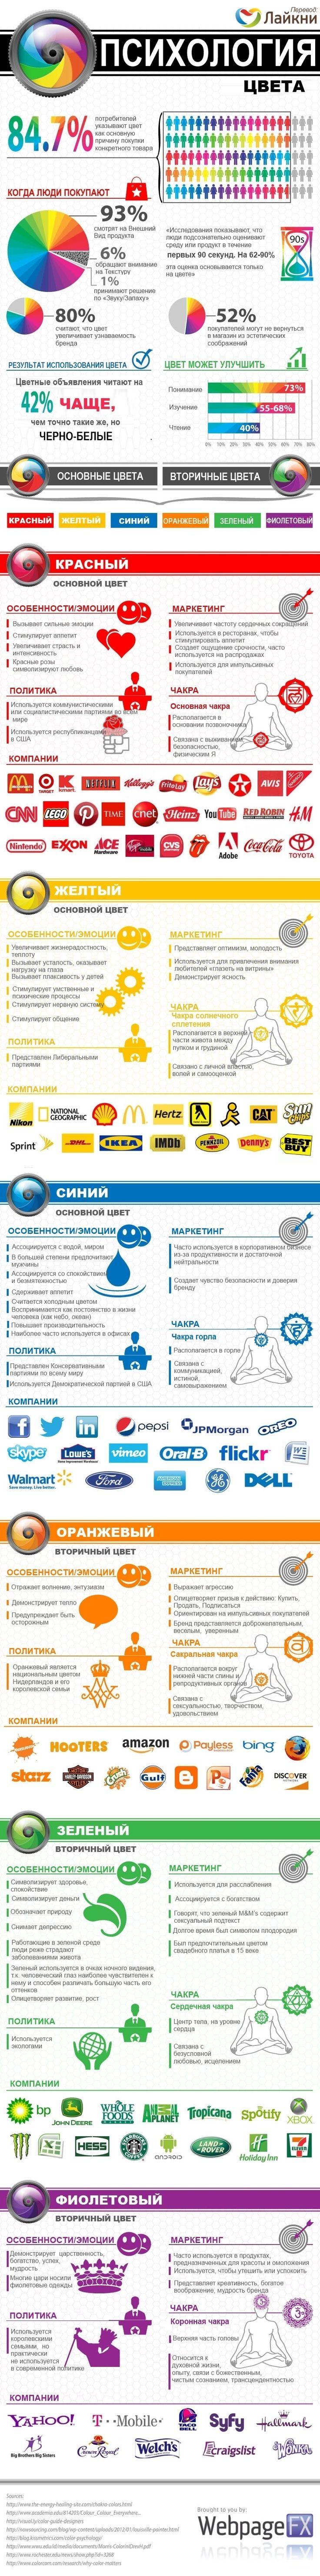 Инфографика: психология цвета в жизни и маркетинге